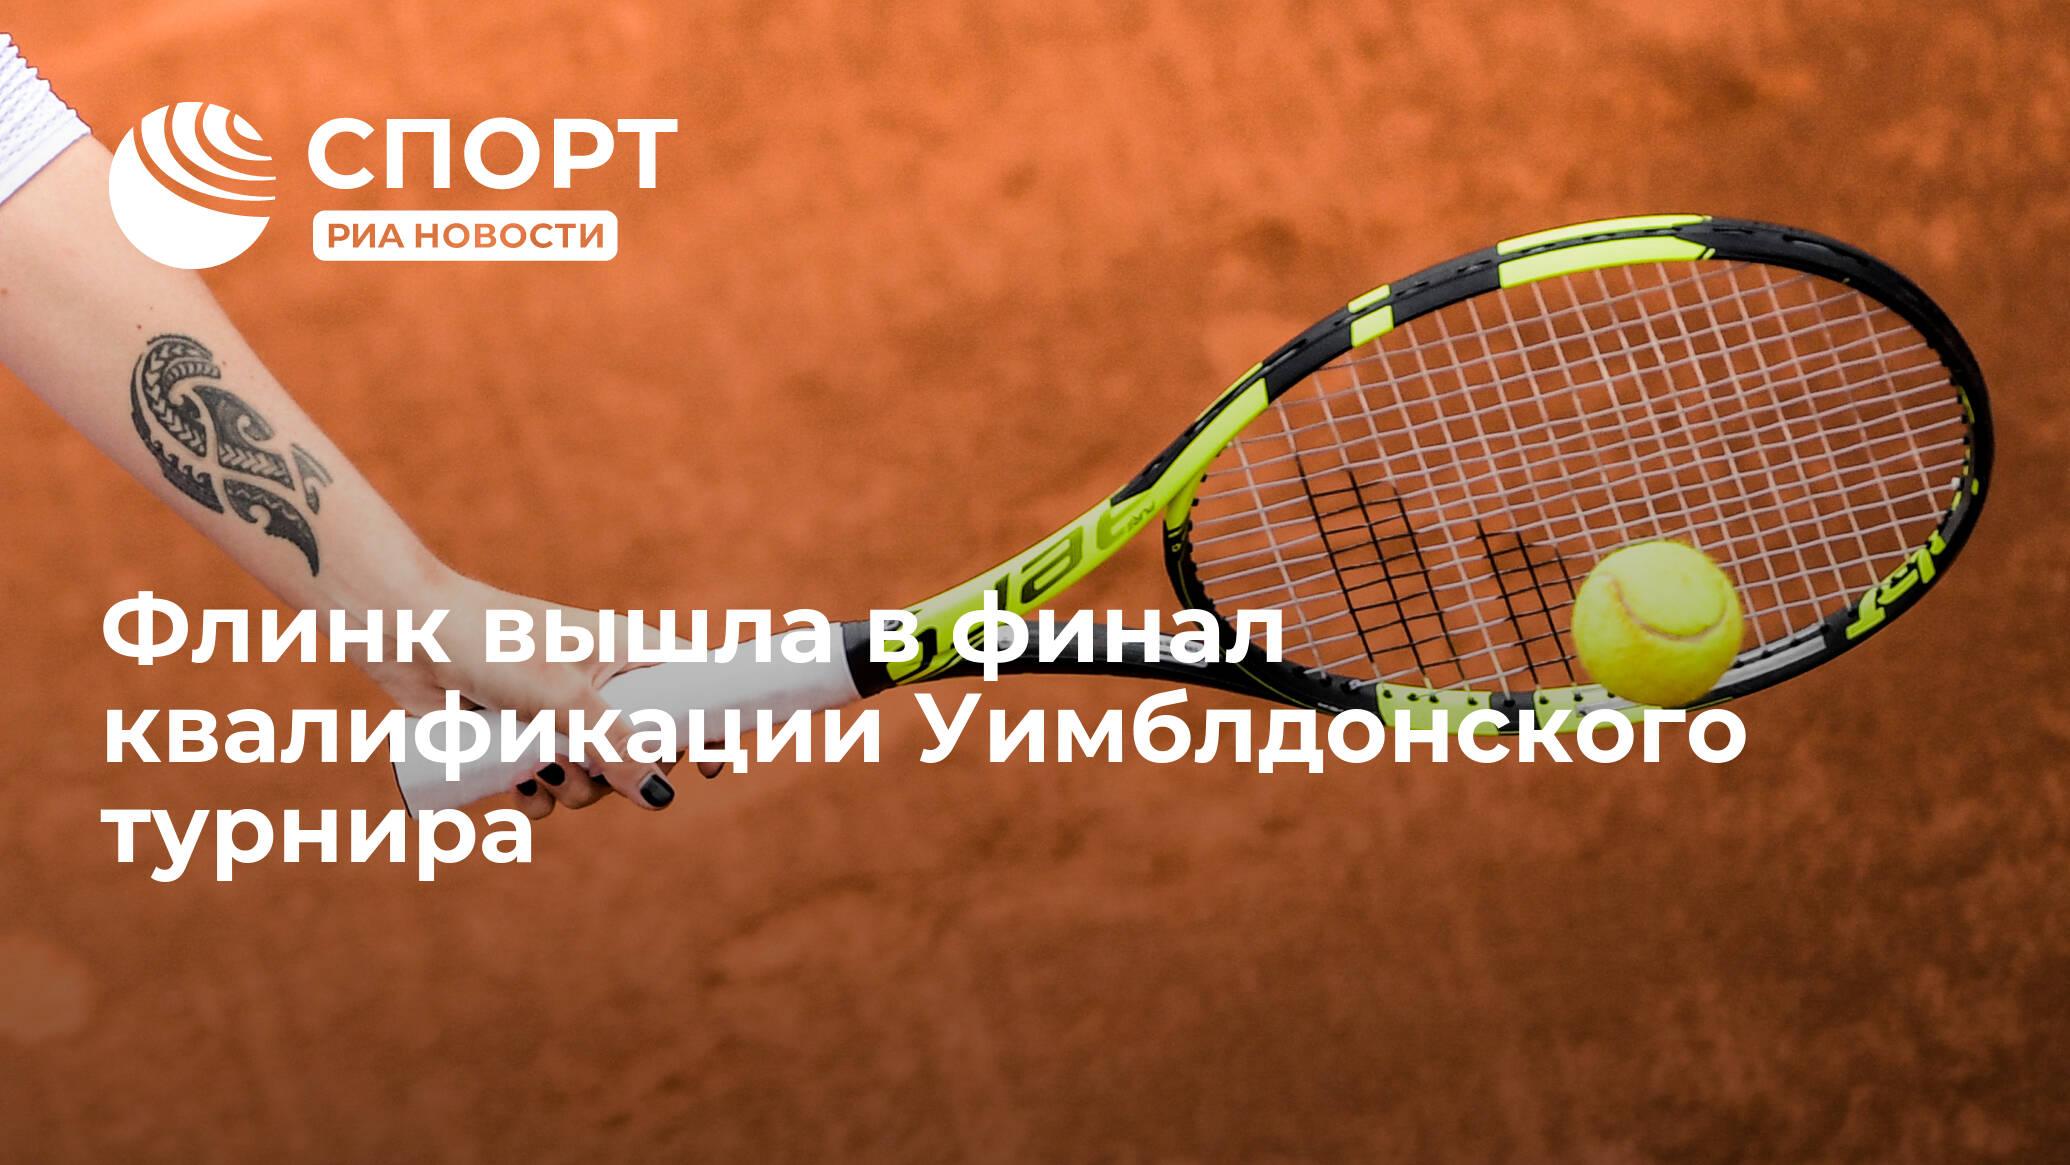 Флинк вышла в финал квалификации Уимблдонского турнира